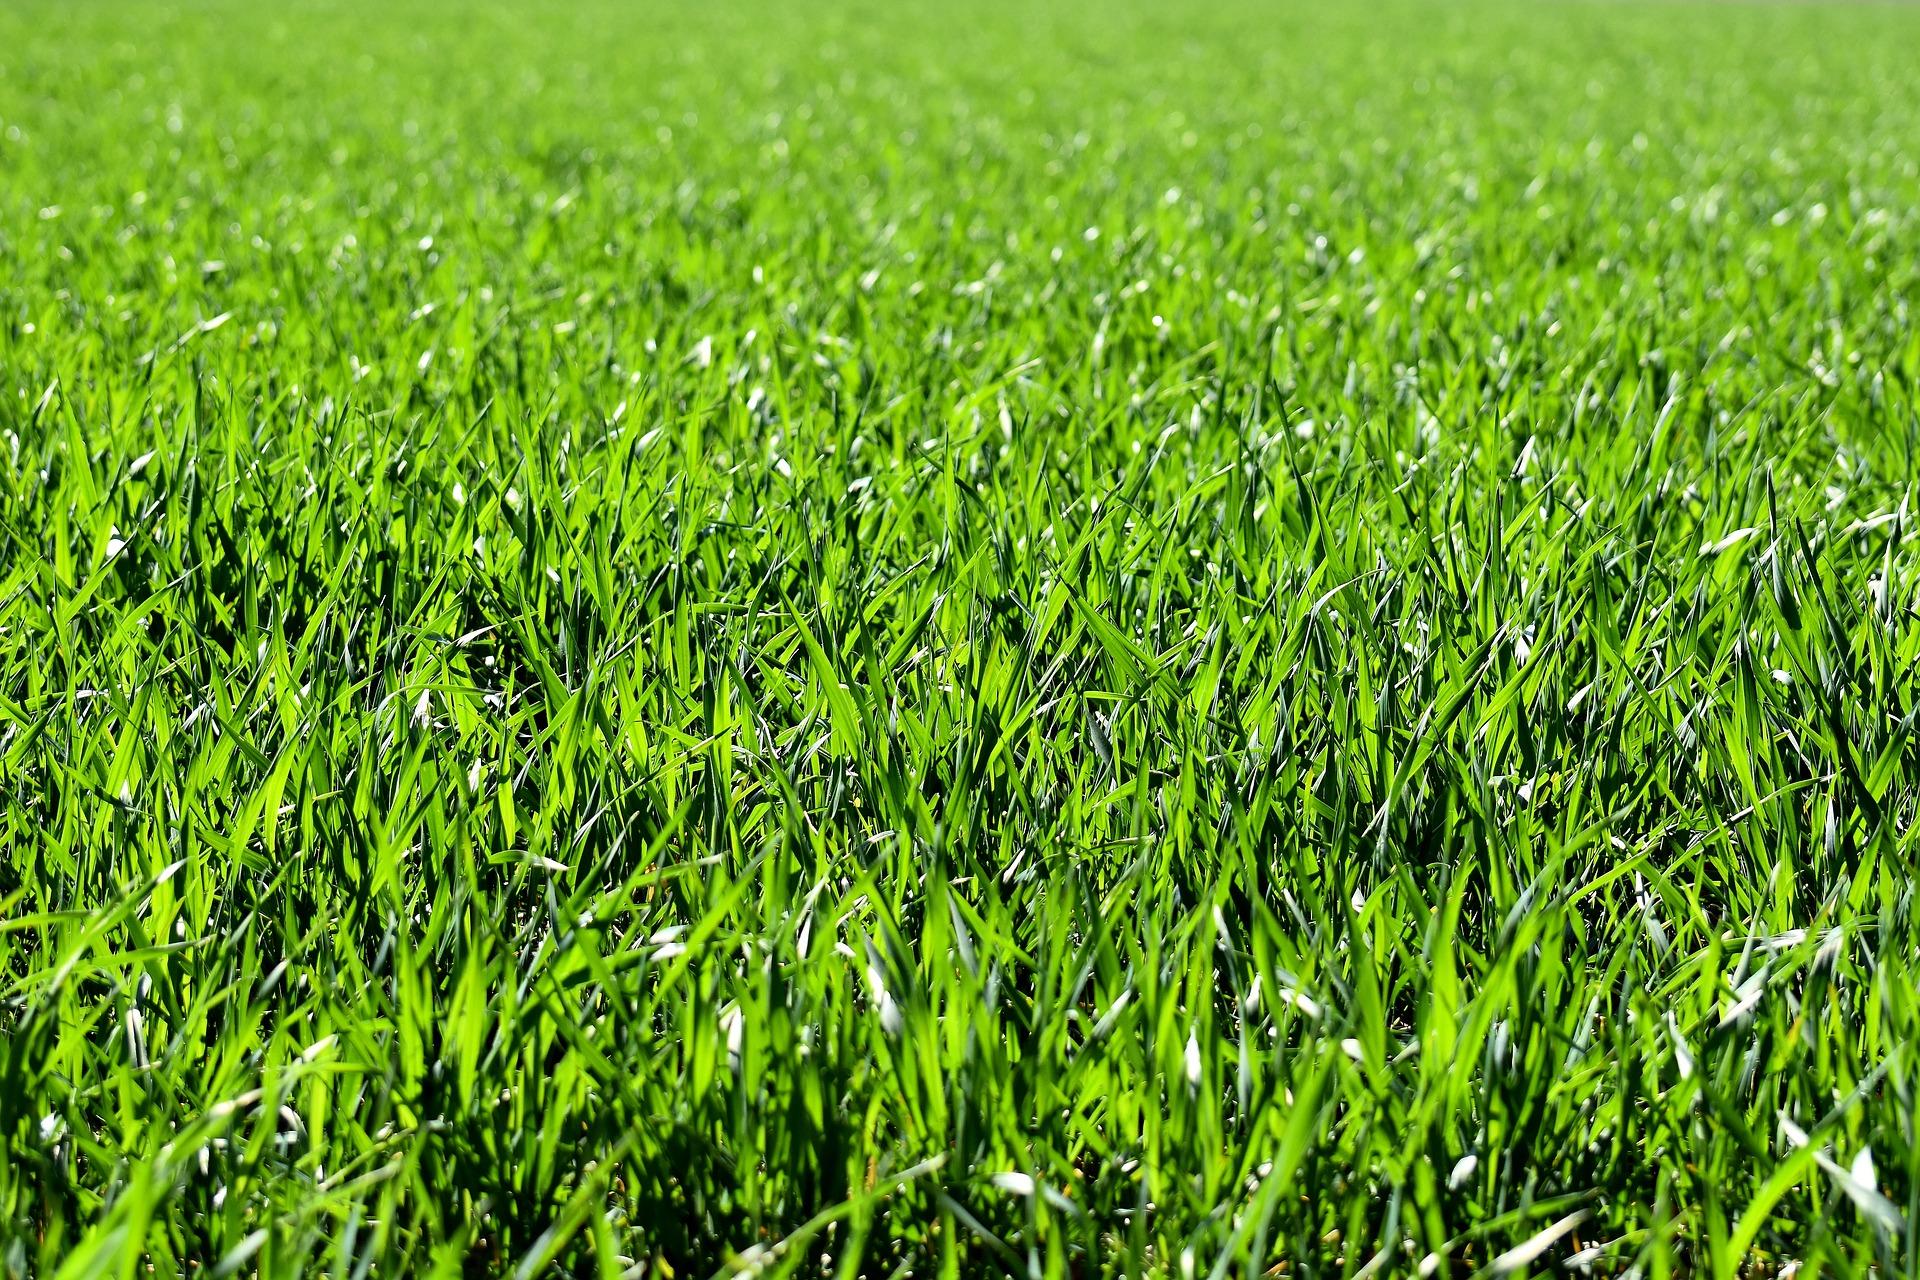 lawn care in spring.jpg